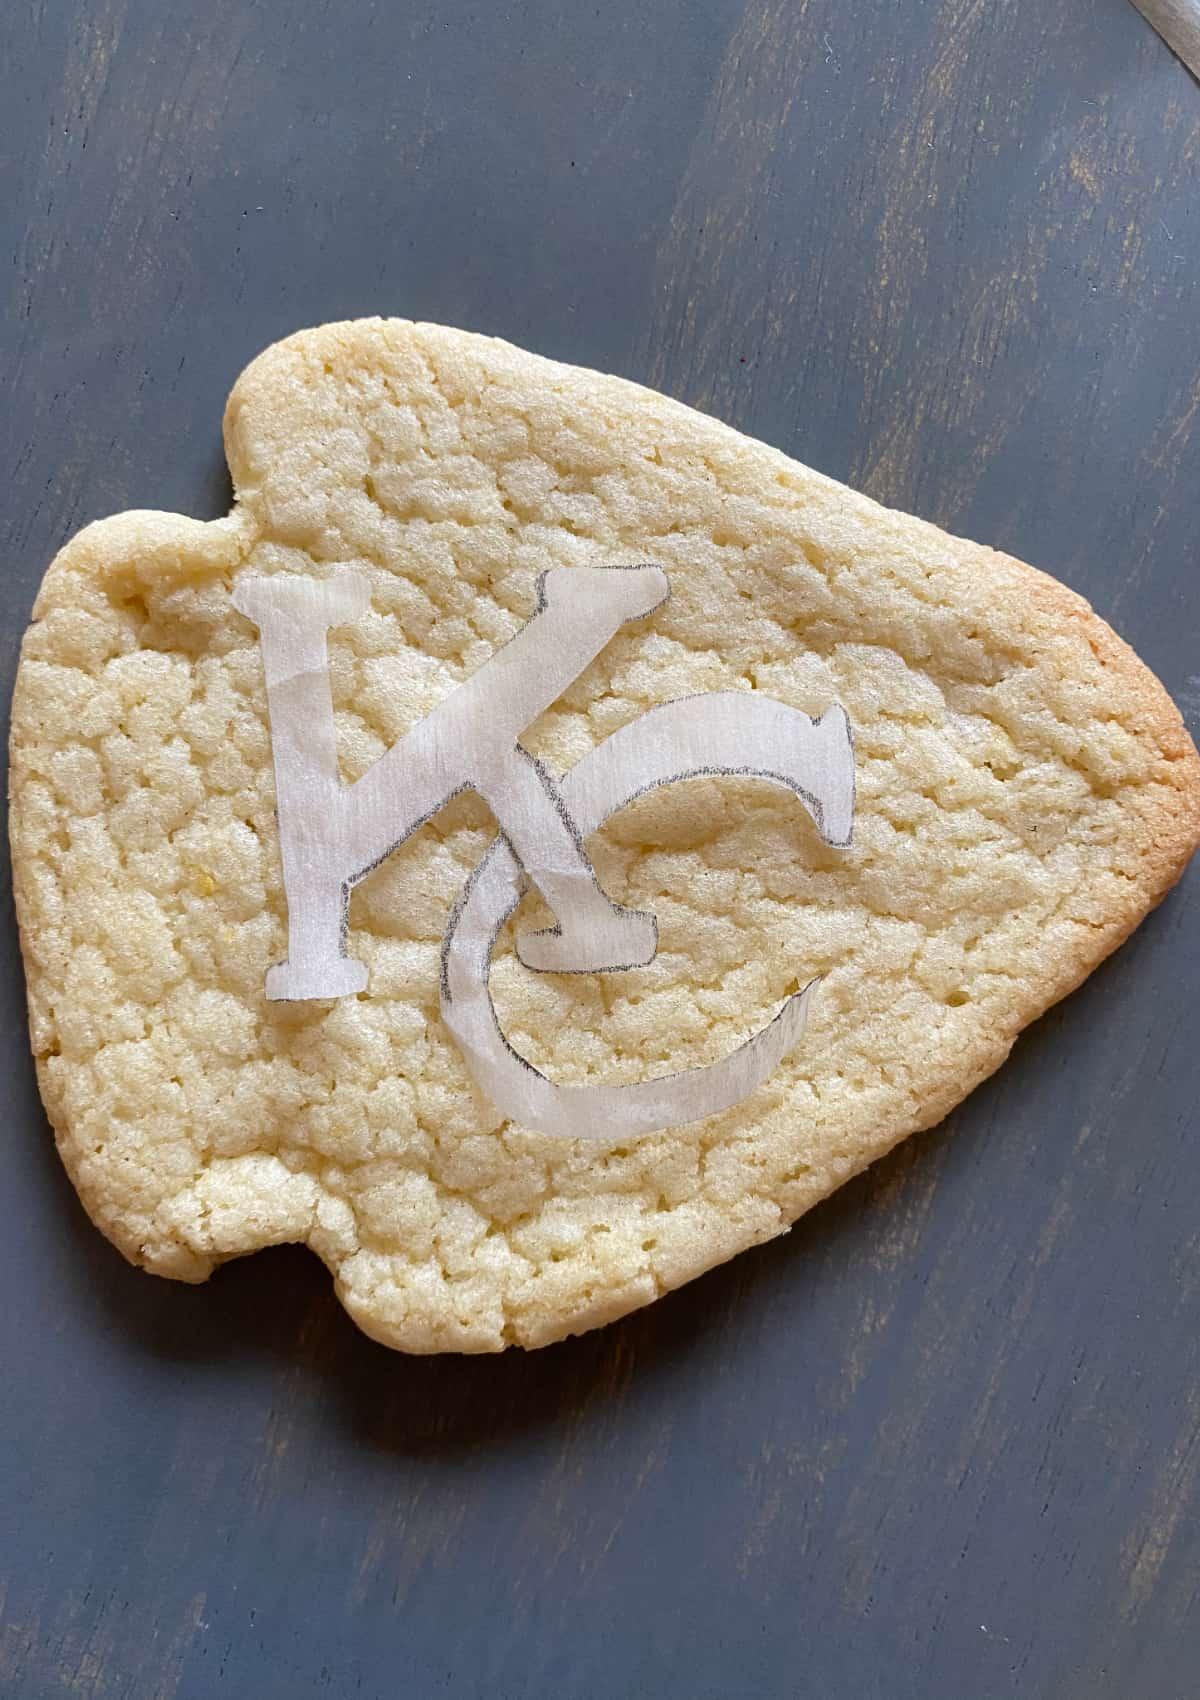 stenciling the Chiefs logo onto an arrowhead sugar cookie